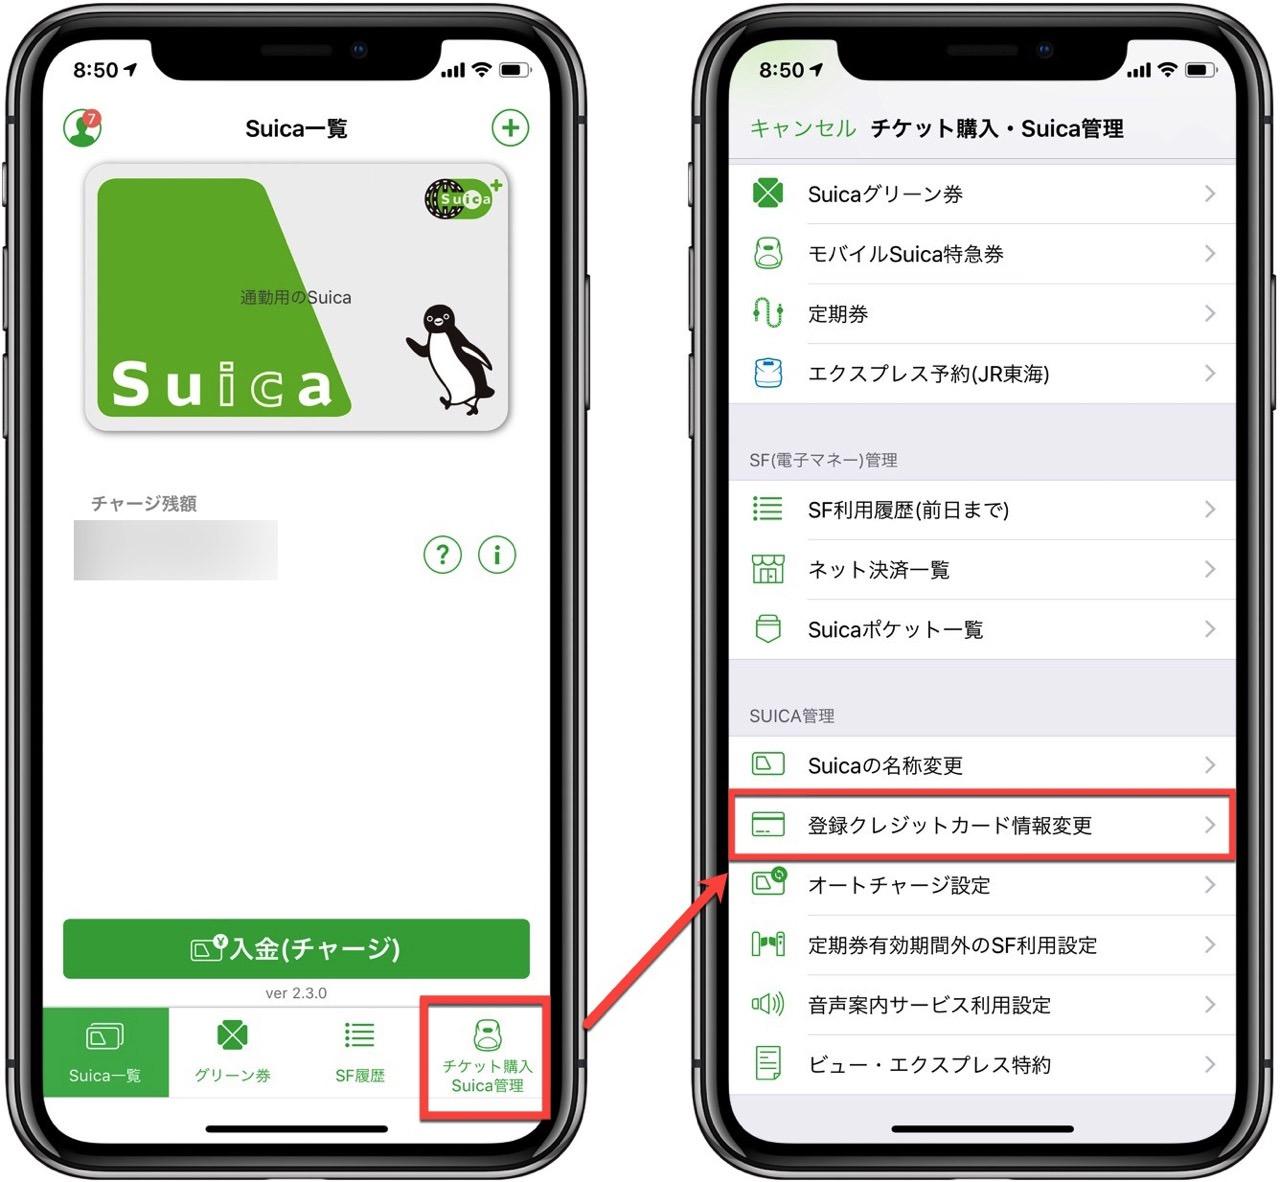 チケット購入 Suica管理を選択